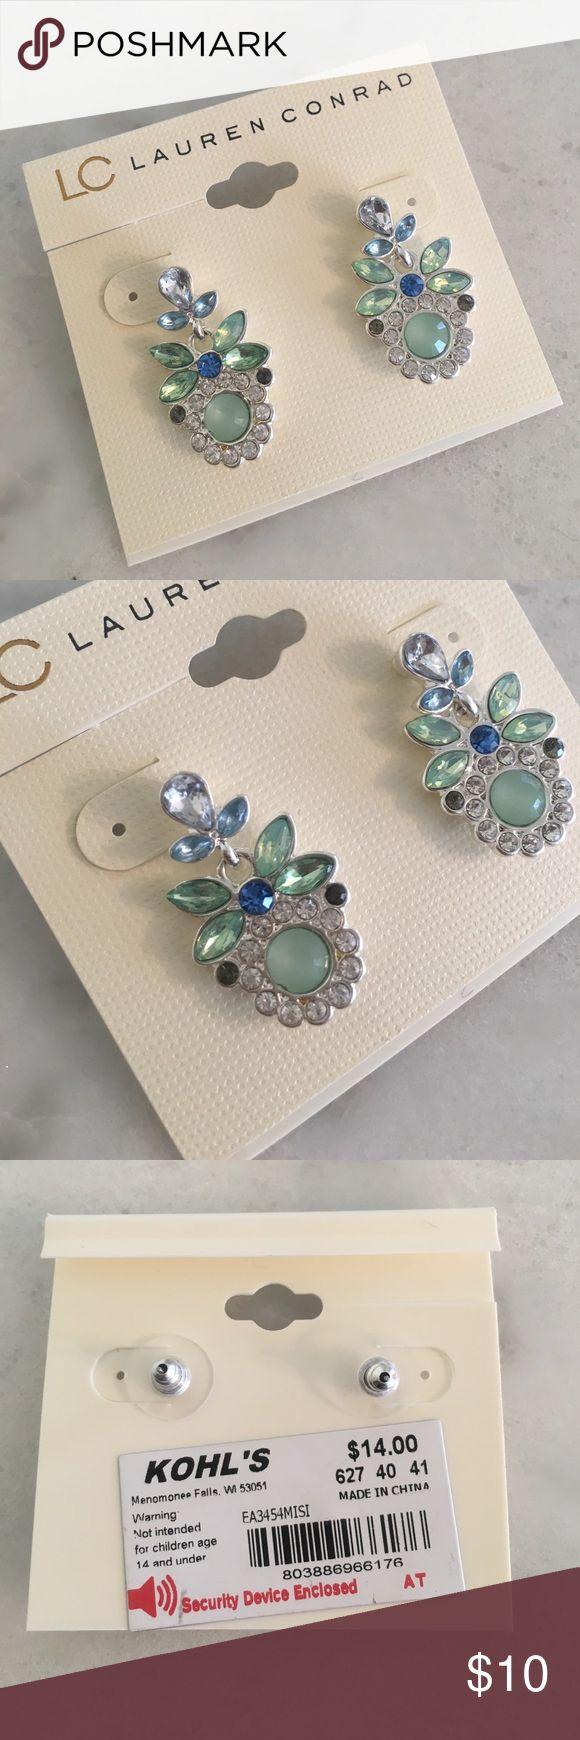 NEW WITH TAGS Lauren Conrad Earrings Sea foam green, blue, and silver Lauren Conrad earrings! New with tags! LC Lauren Conrad Jewelry Earrings